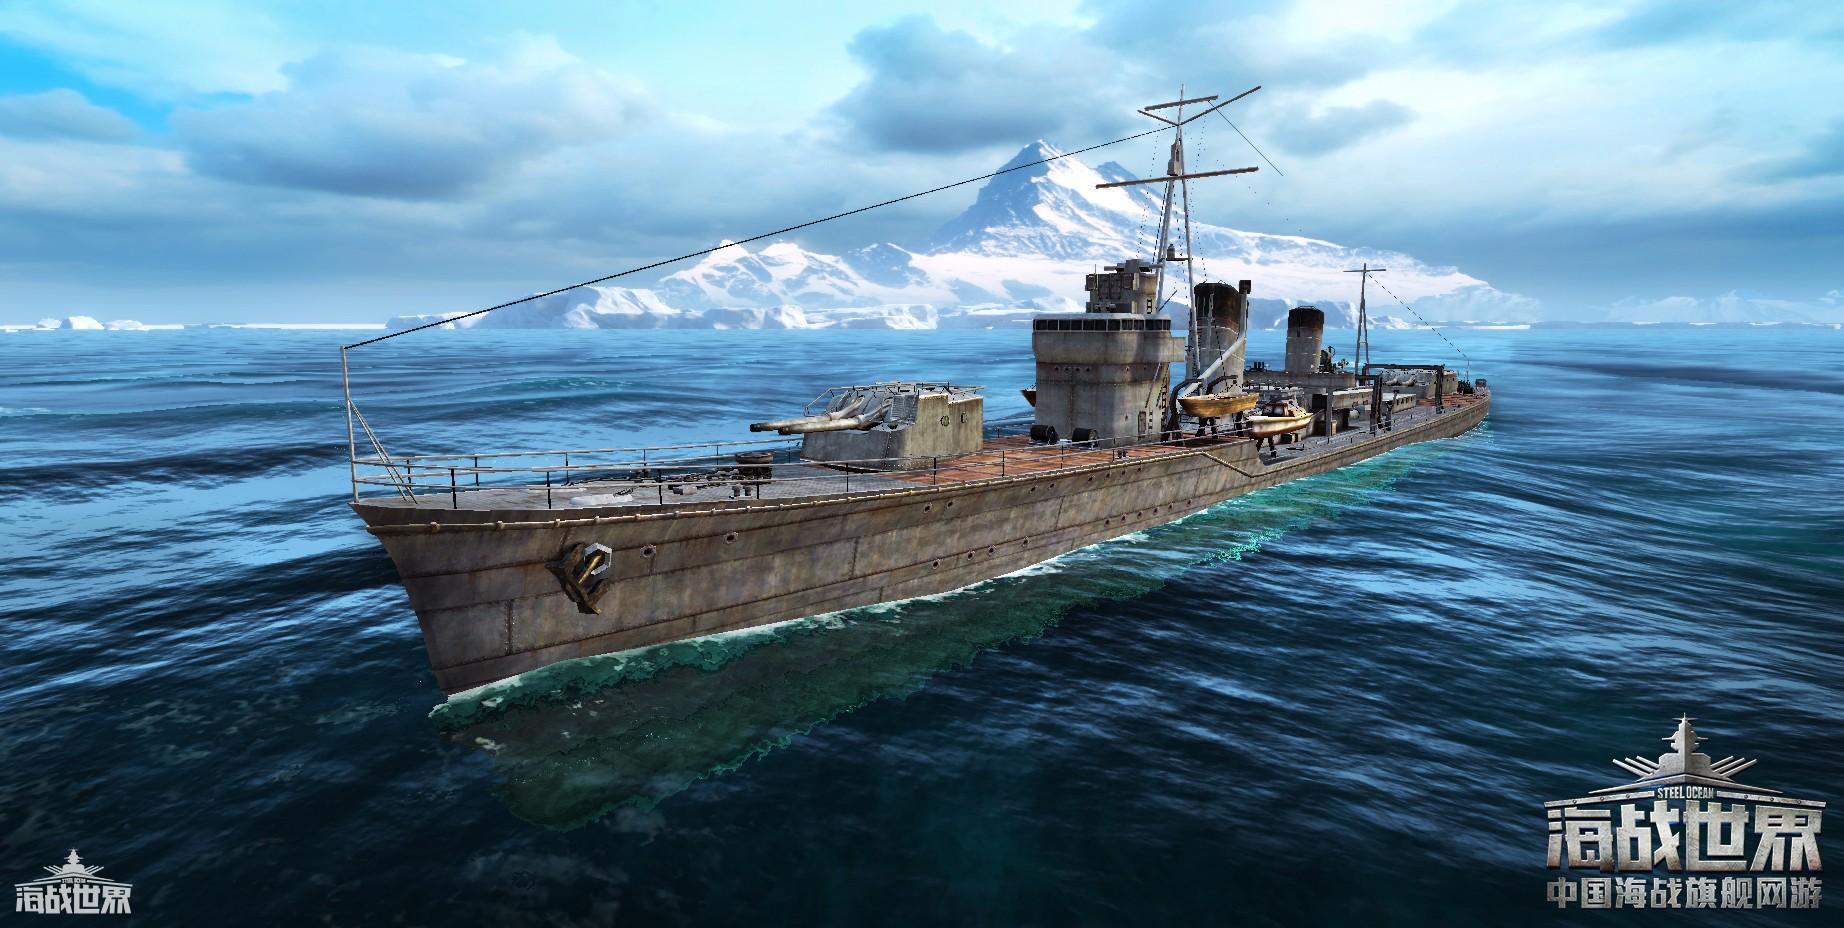 航空母舰海上绝对霸主,飞机的存在给海战增加量丰富的战术和多样化